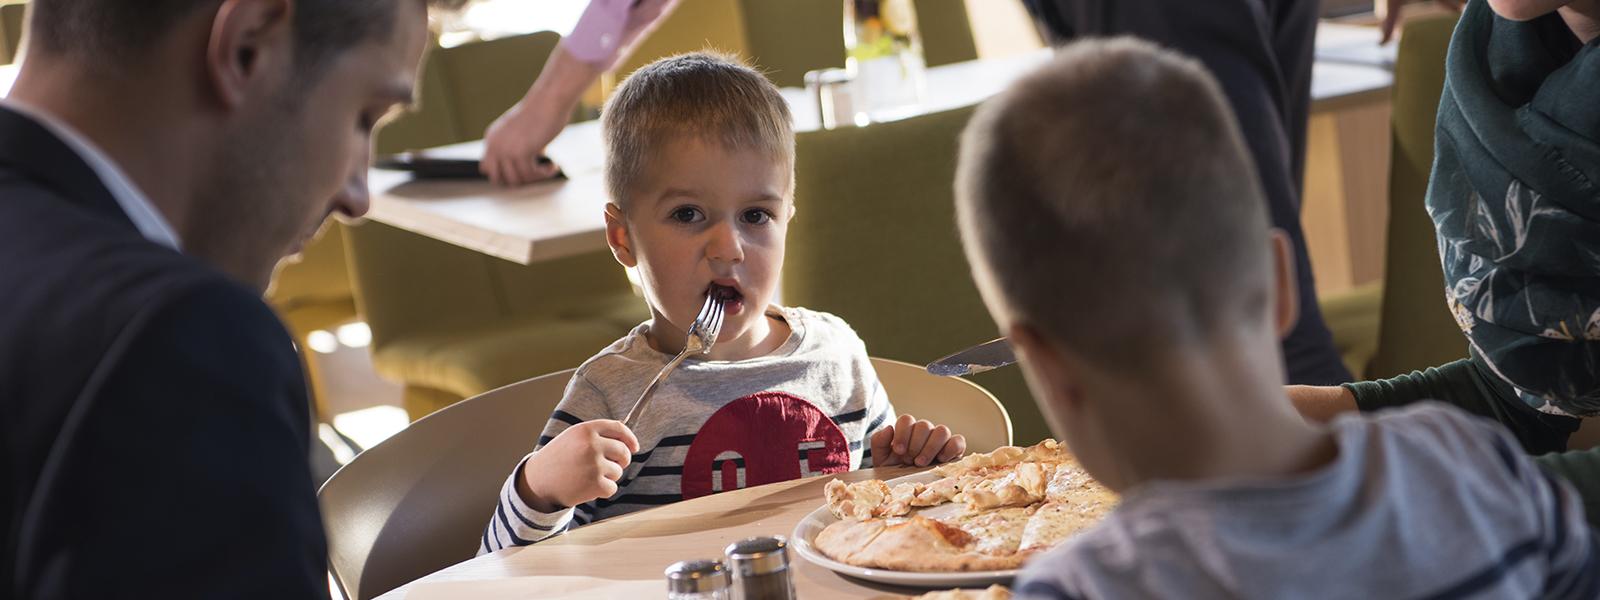 Vähävaraiset lapsiperheet syöneet jo yli 5000 ilmaista ravintola-ateriaa ePassin ja Pelastakaa Lasten tukemana